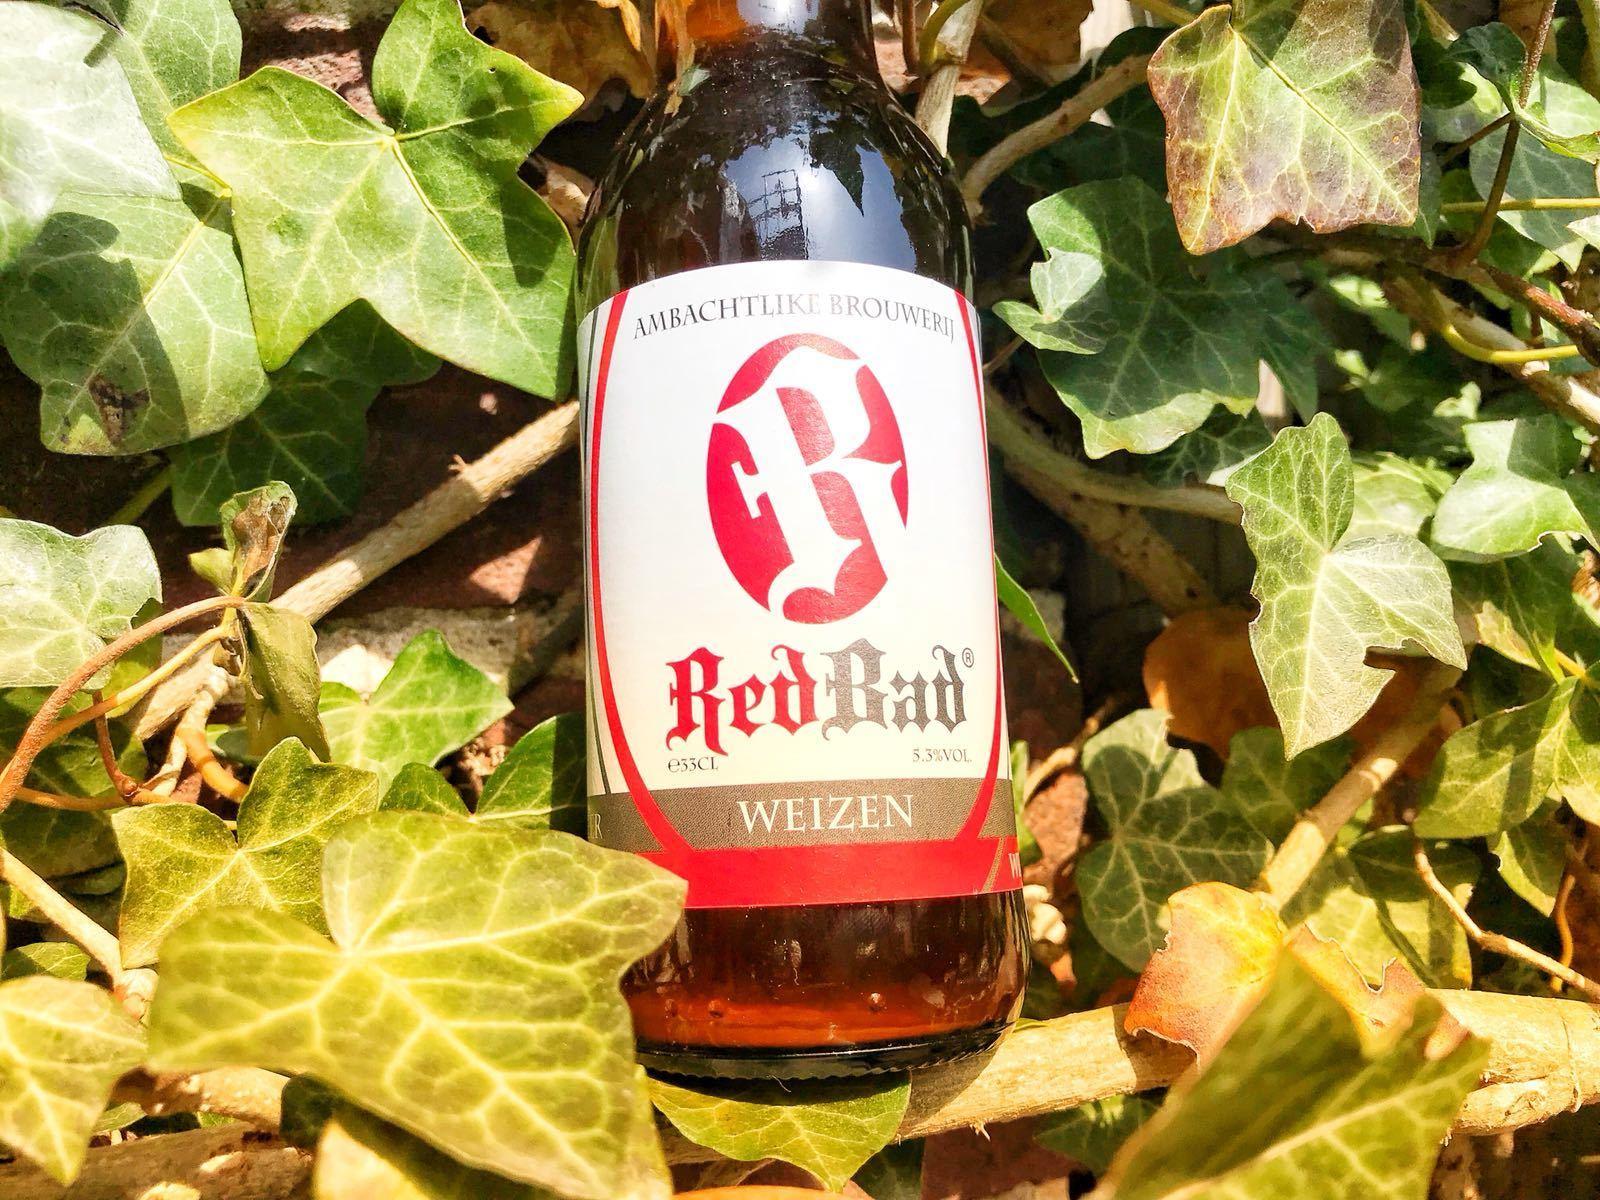 Redbad Weizen van Brouwerij Redbad i.o.